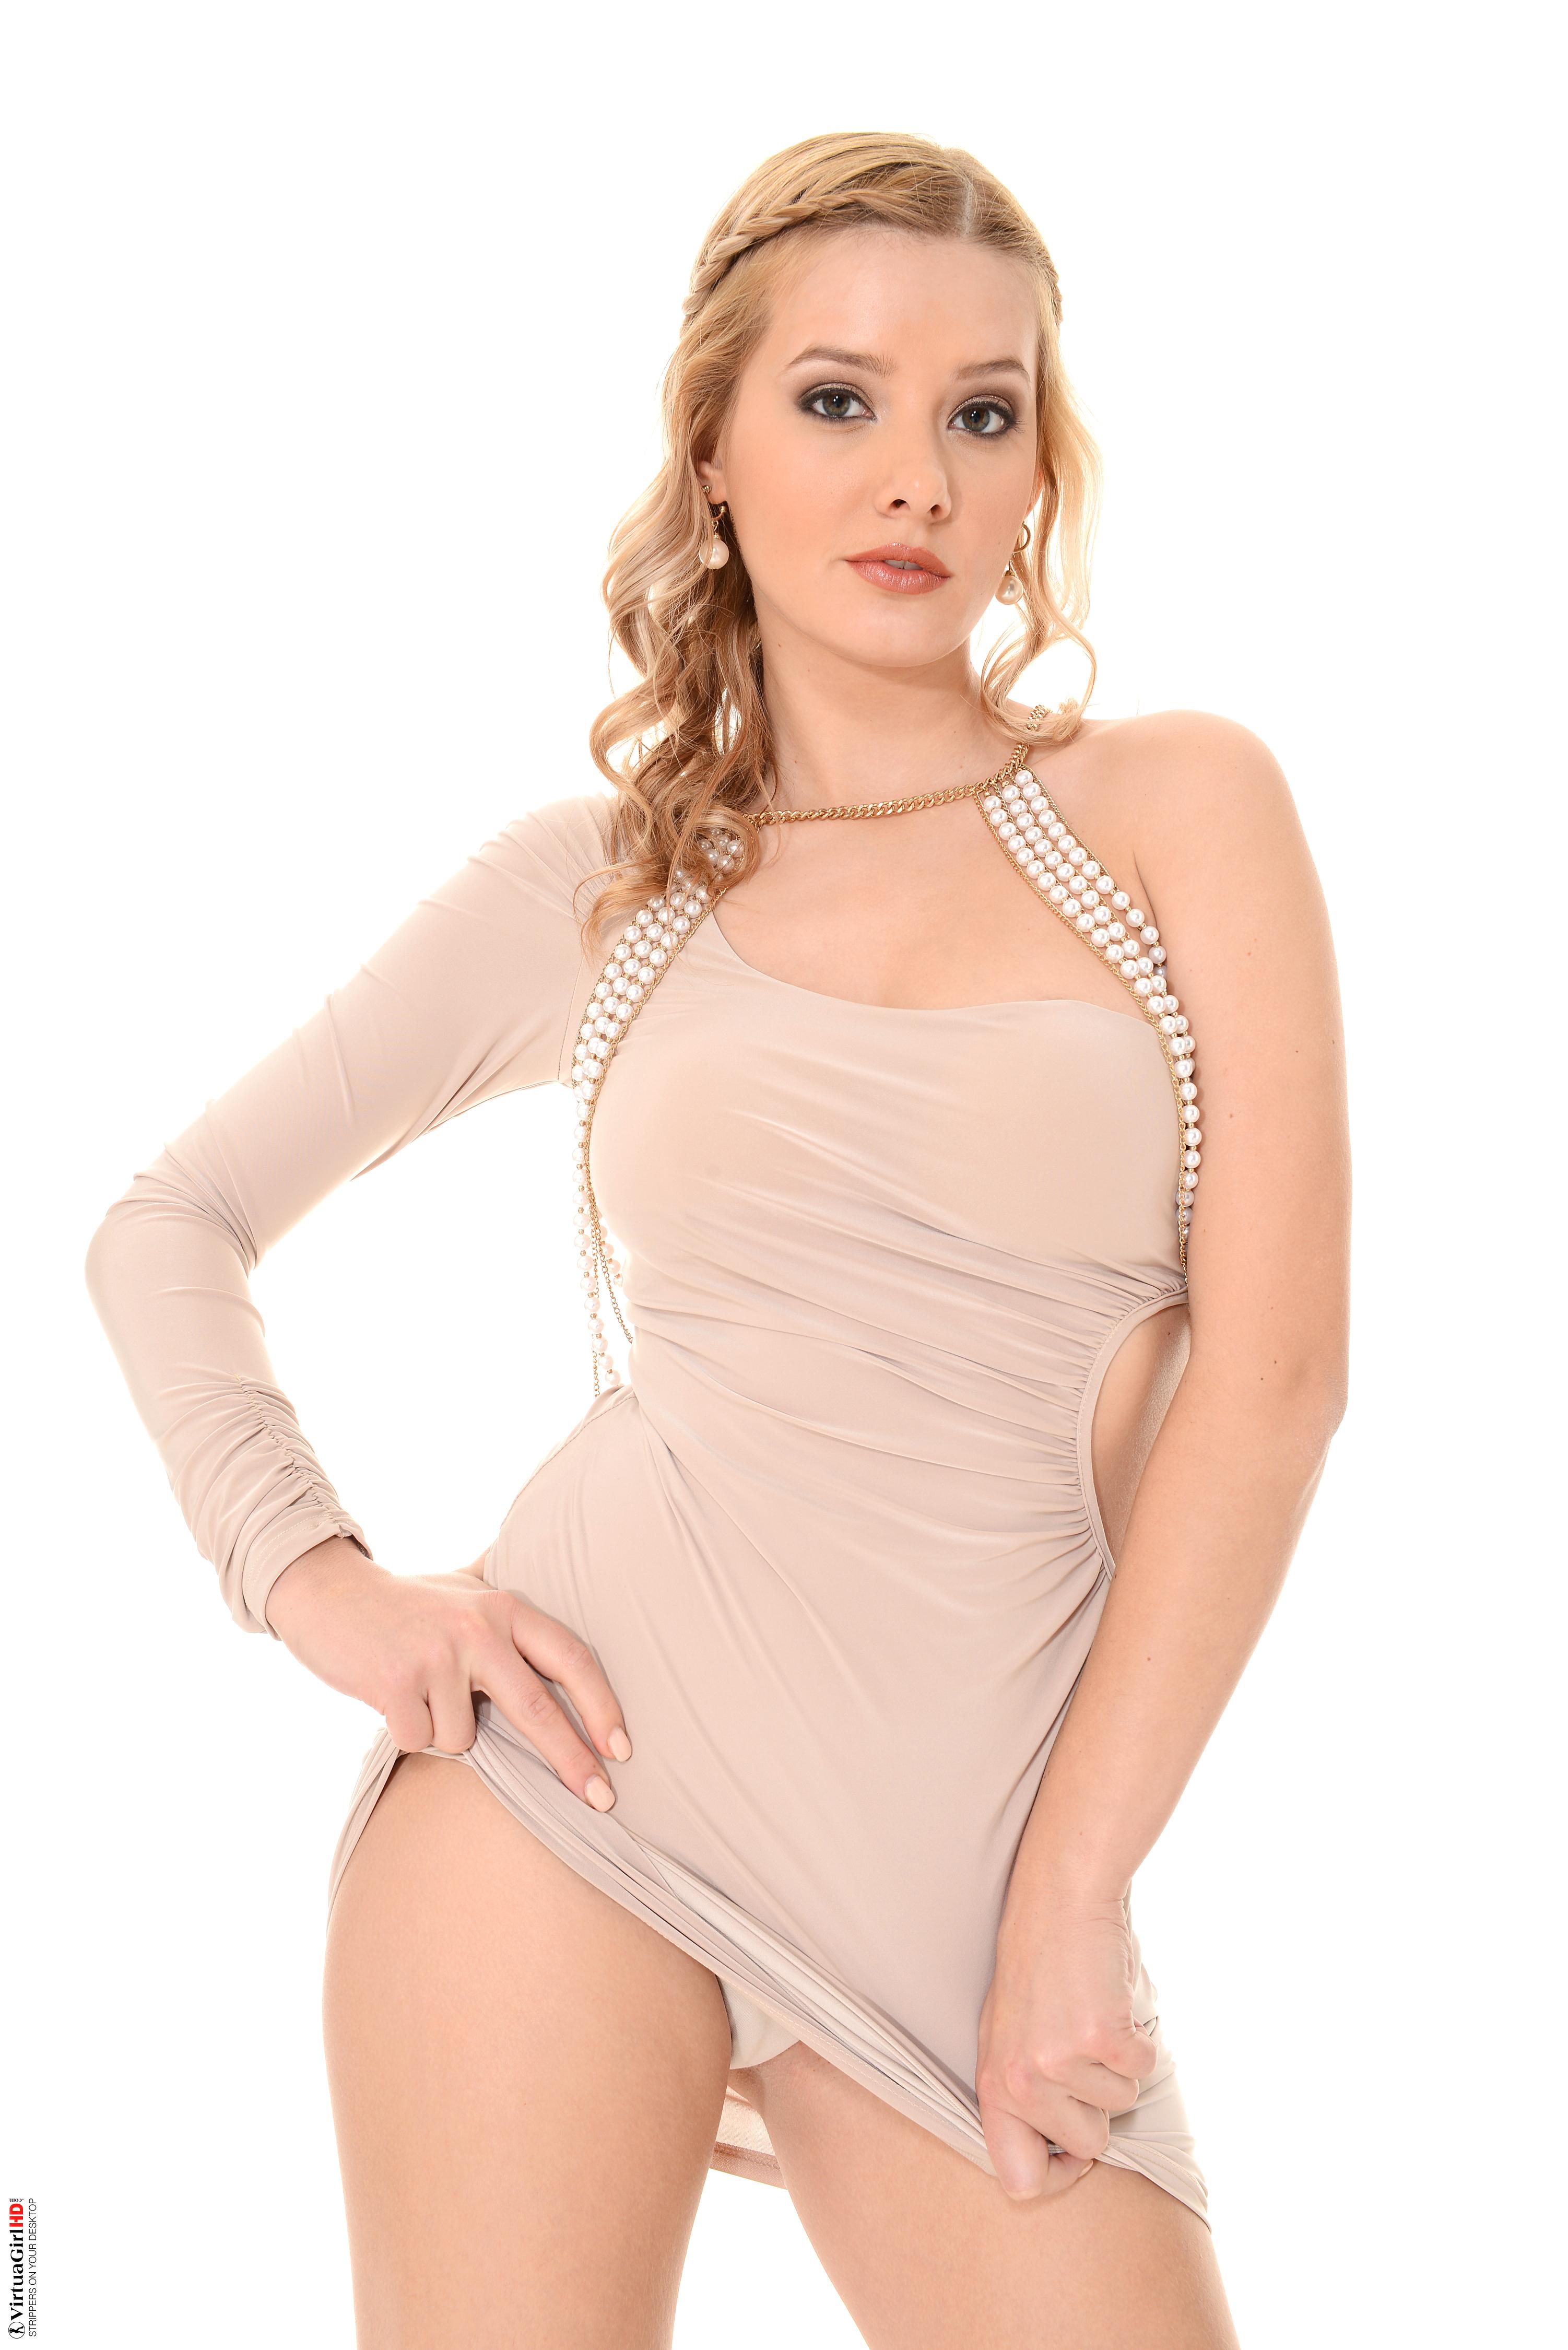 hot nude erotic women